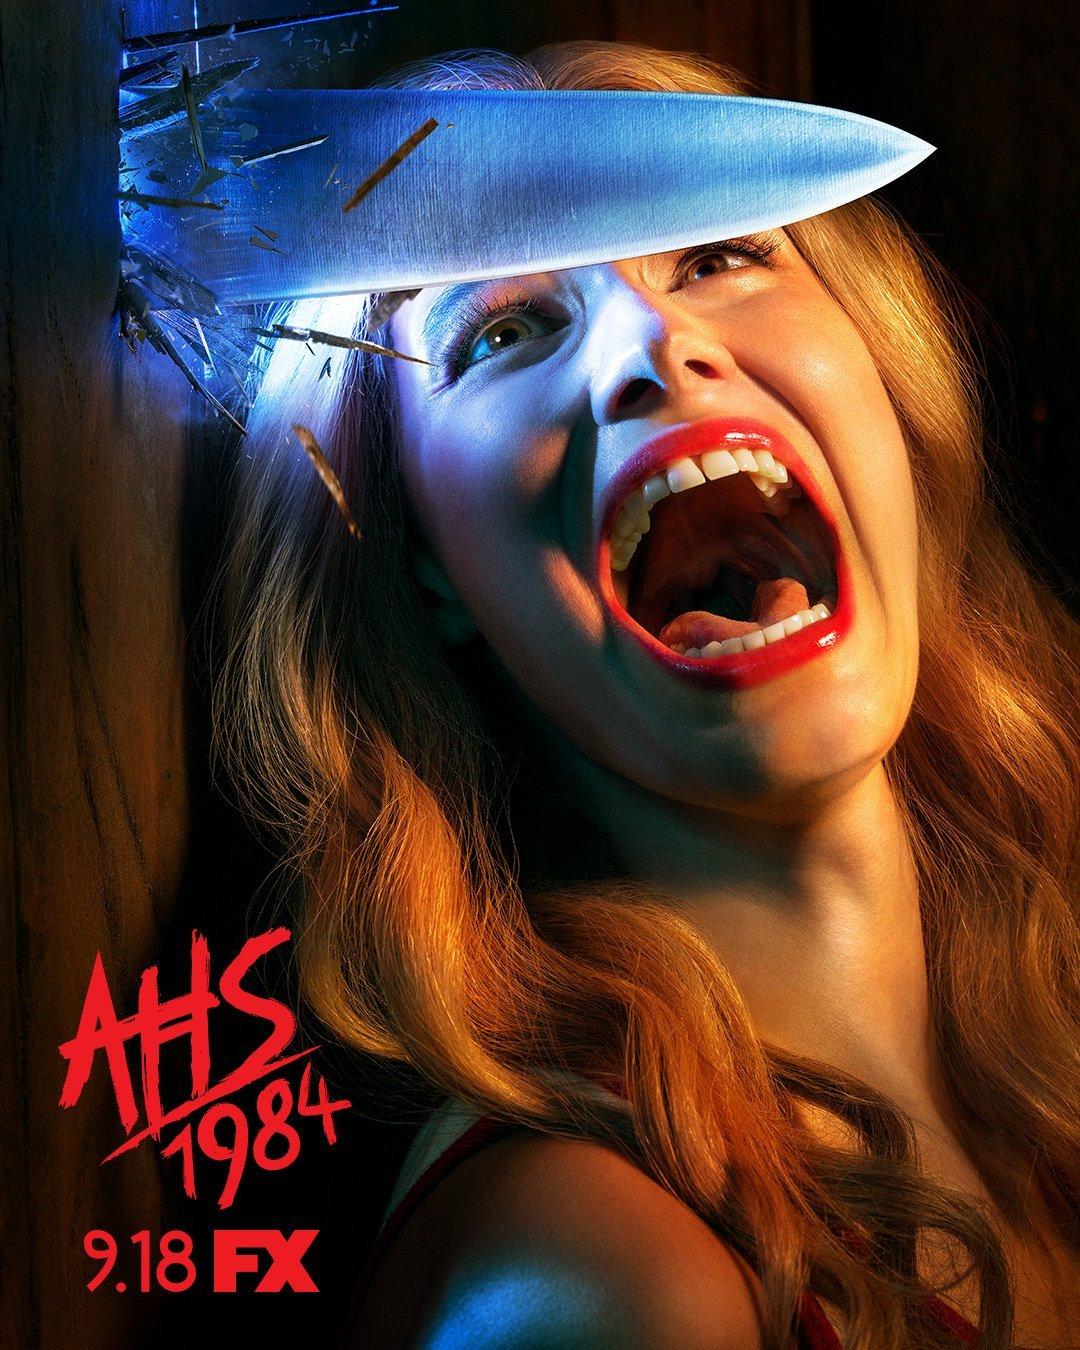 AHS 1984 Slasher Poster